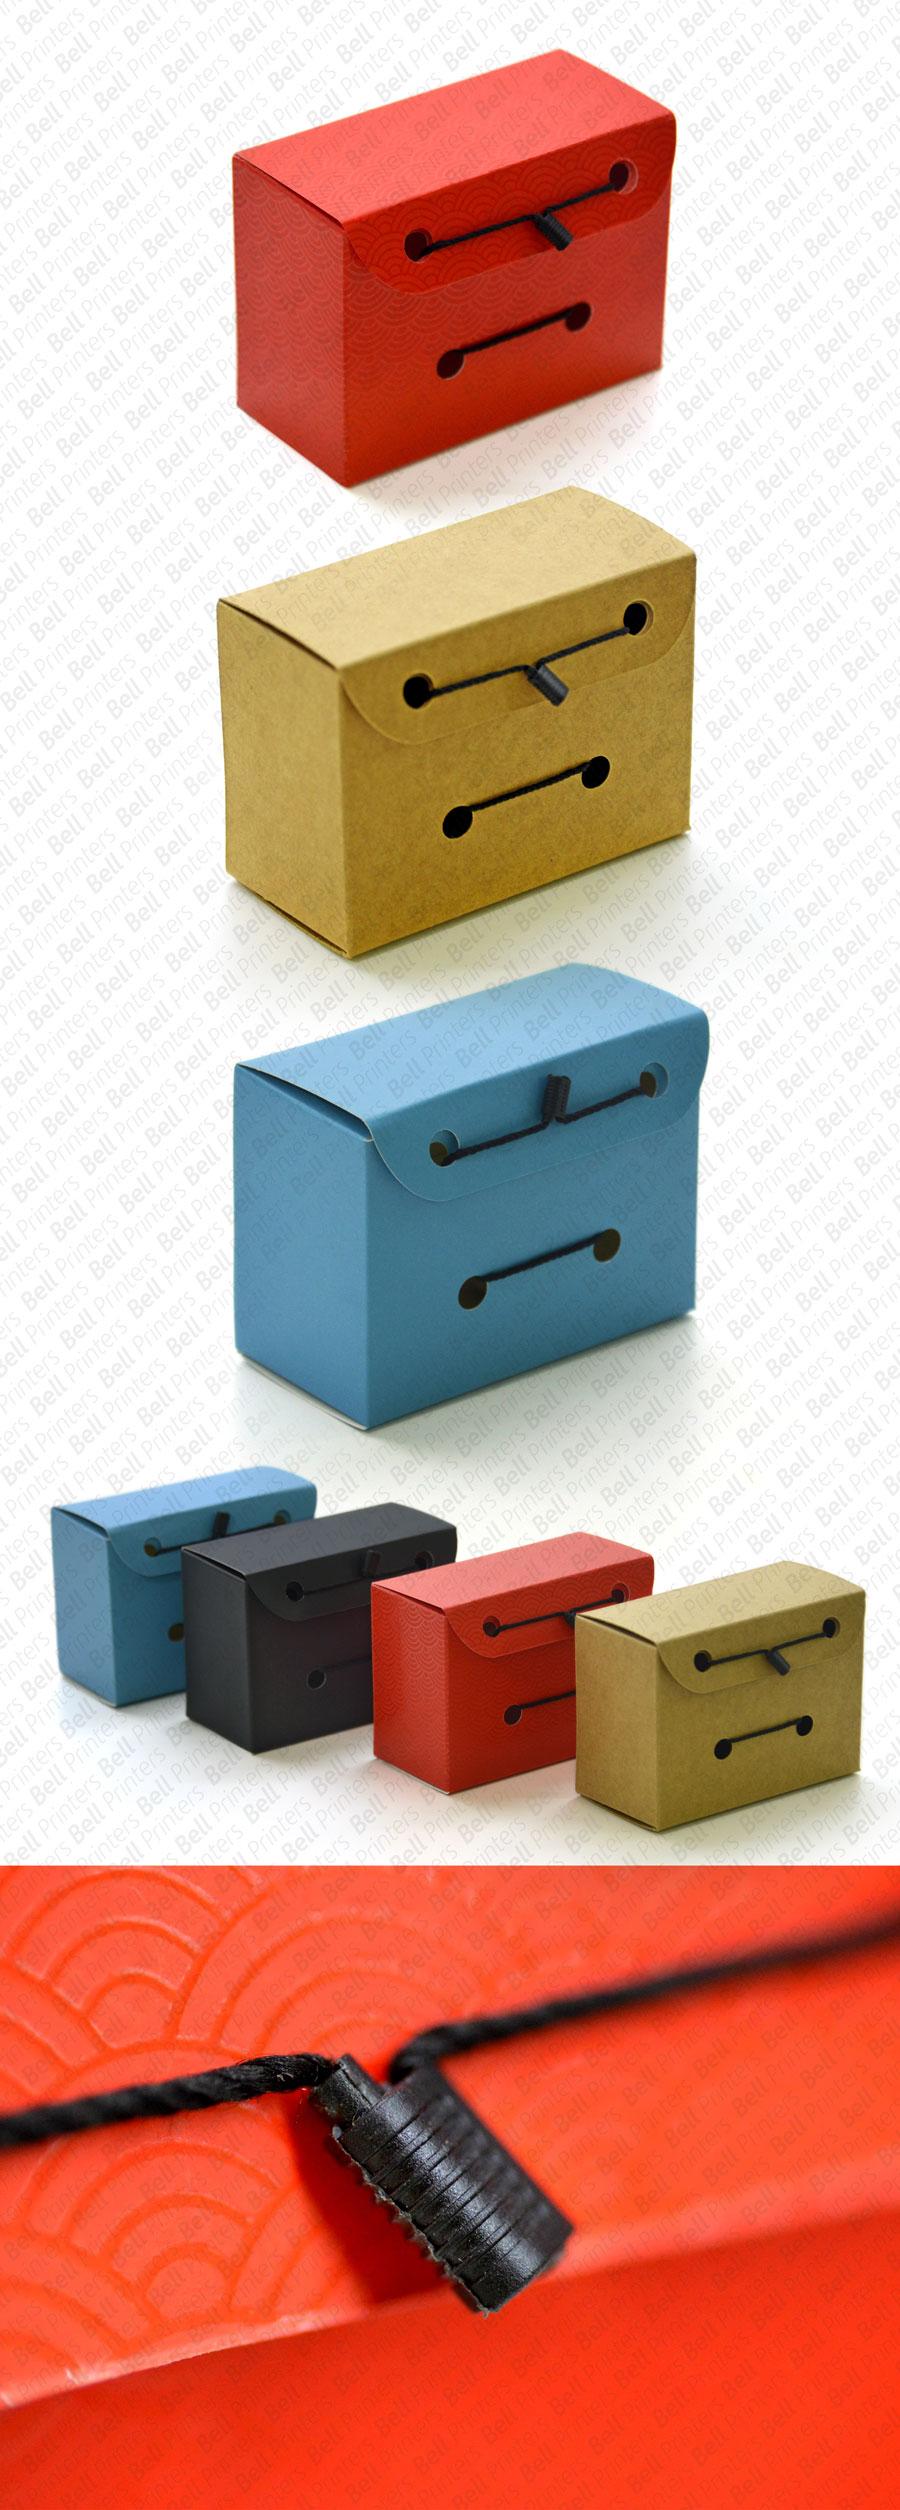 Buy Rigid boxes | Rigid box Manufacturer in Sivakasi | Rigid box Sivakasi